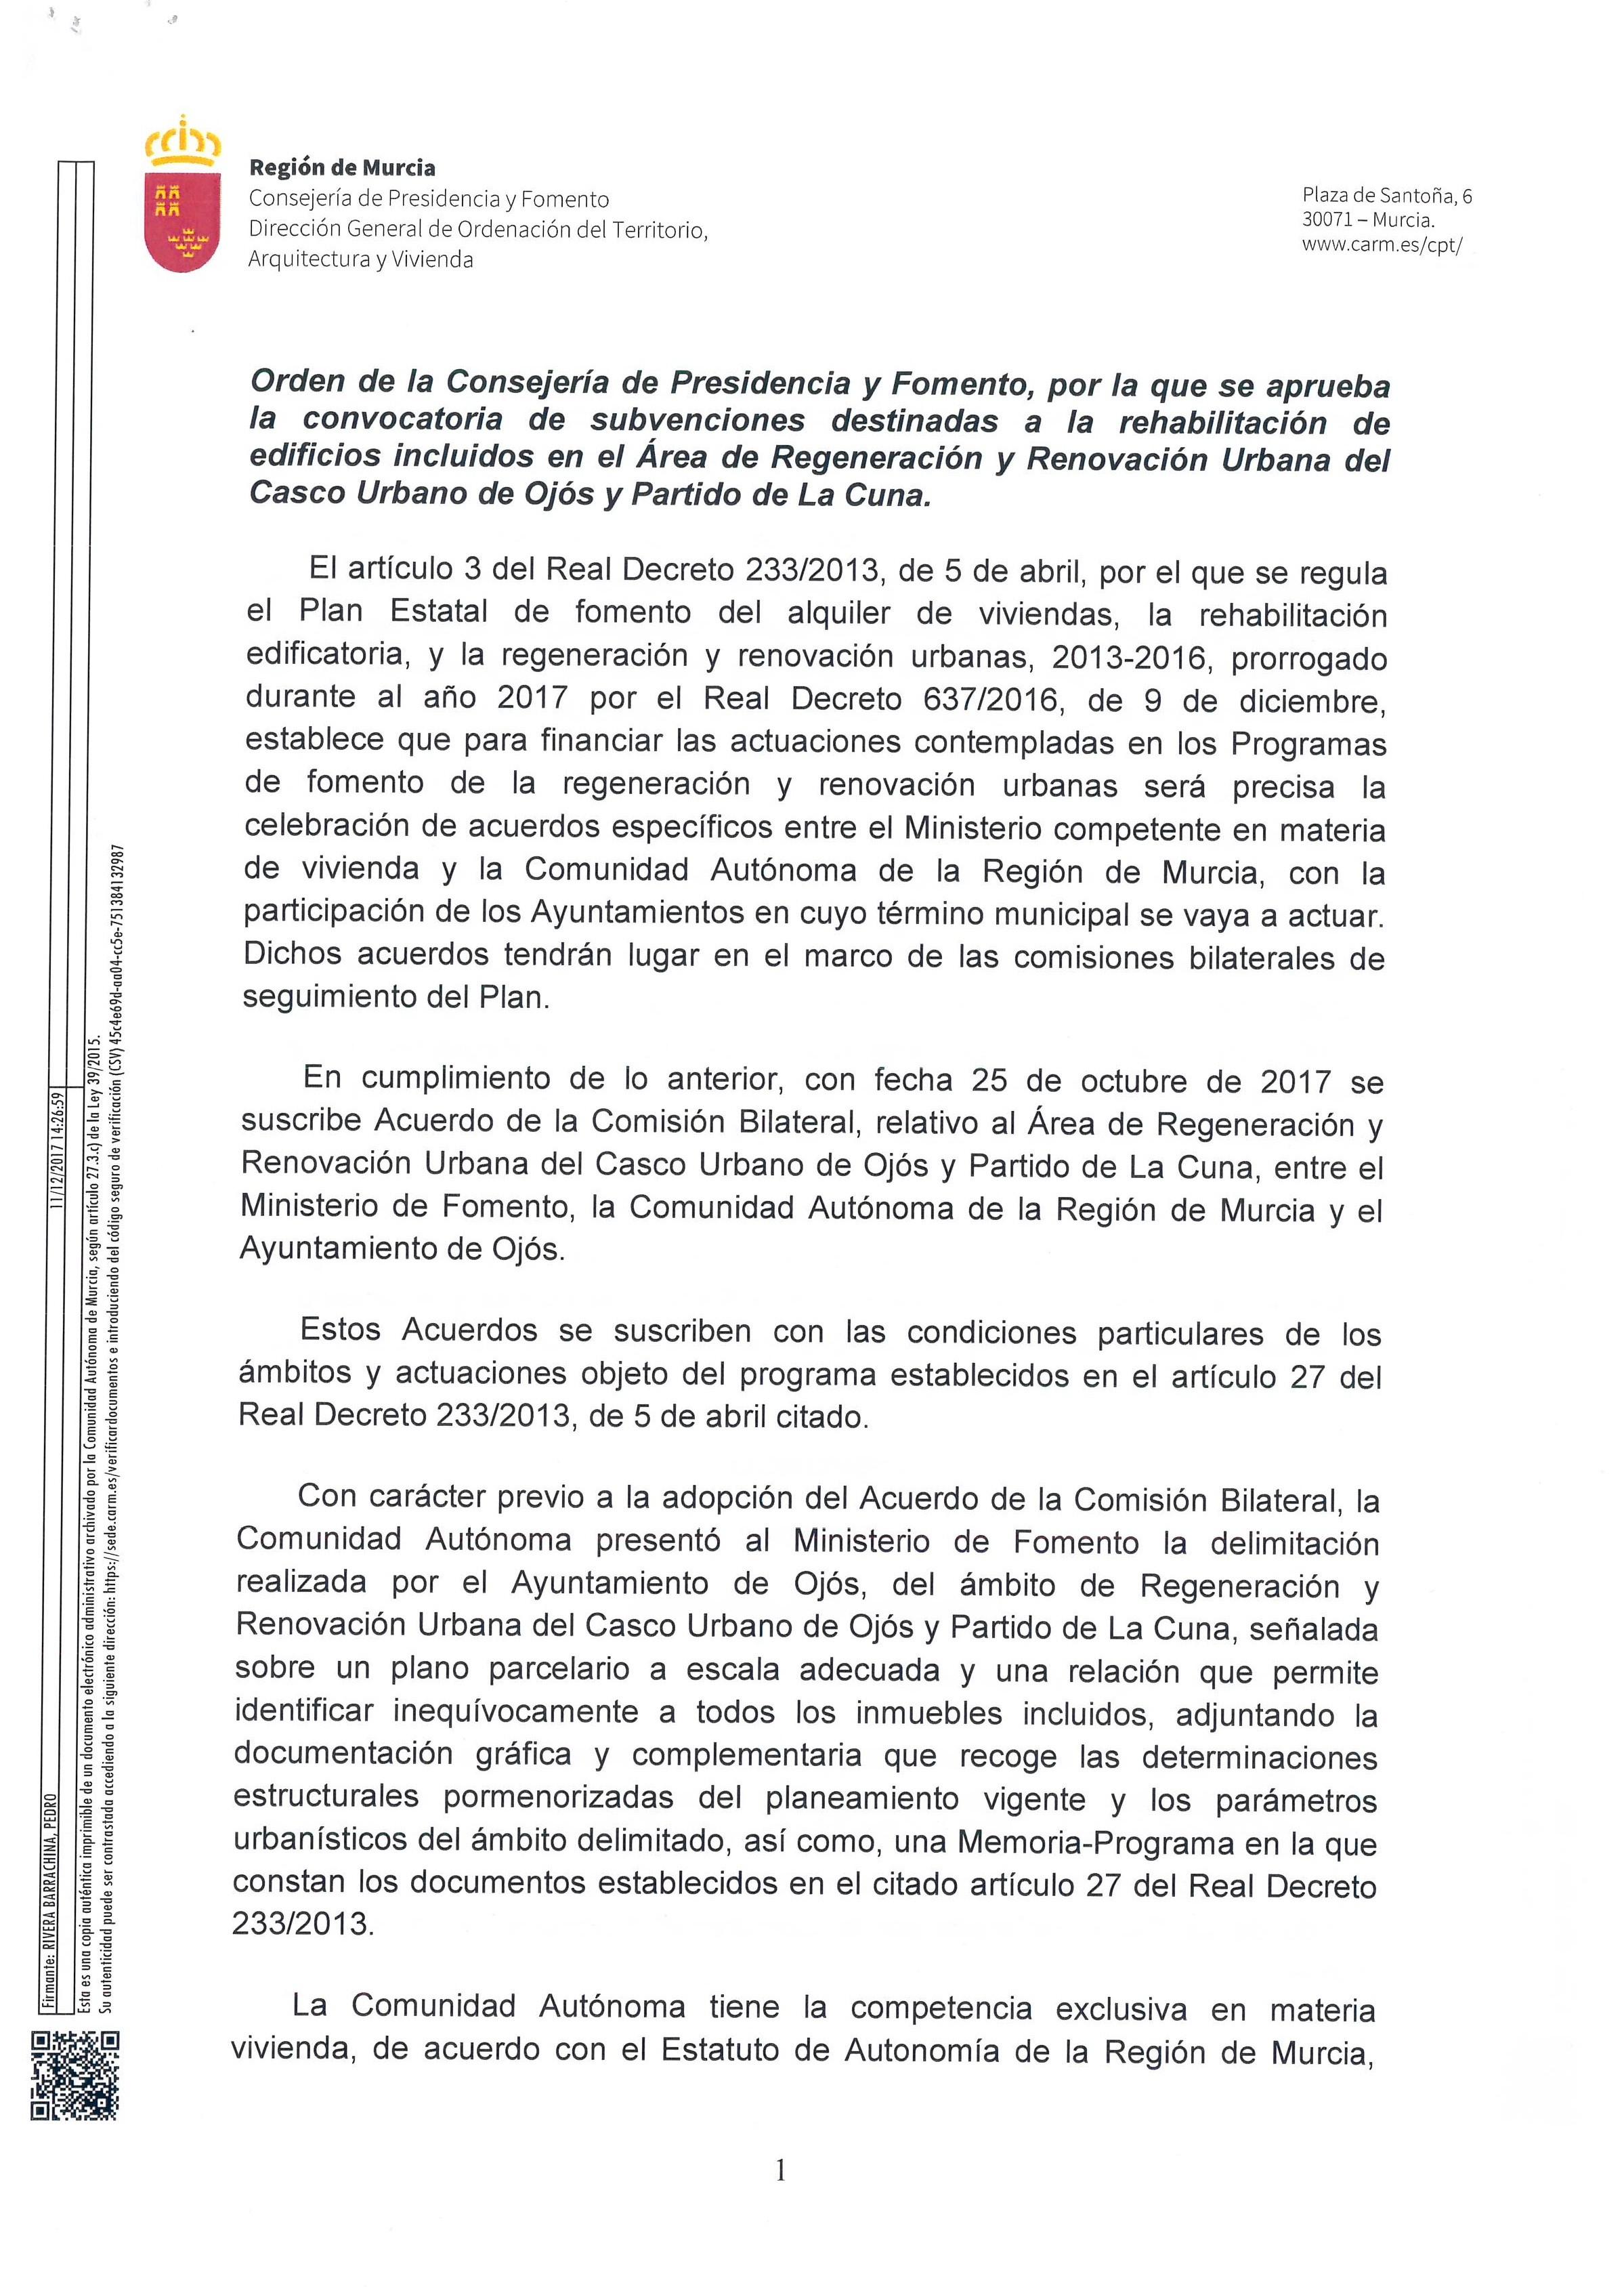 """Leer más ORDEN CONVOCATORIA SUBVENCIONES REHABILITACI""""N VIVIENDAS ARRU OJ""""S"""